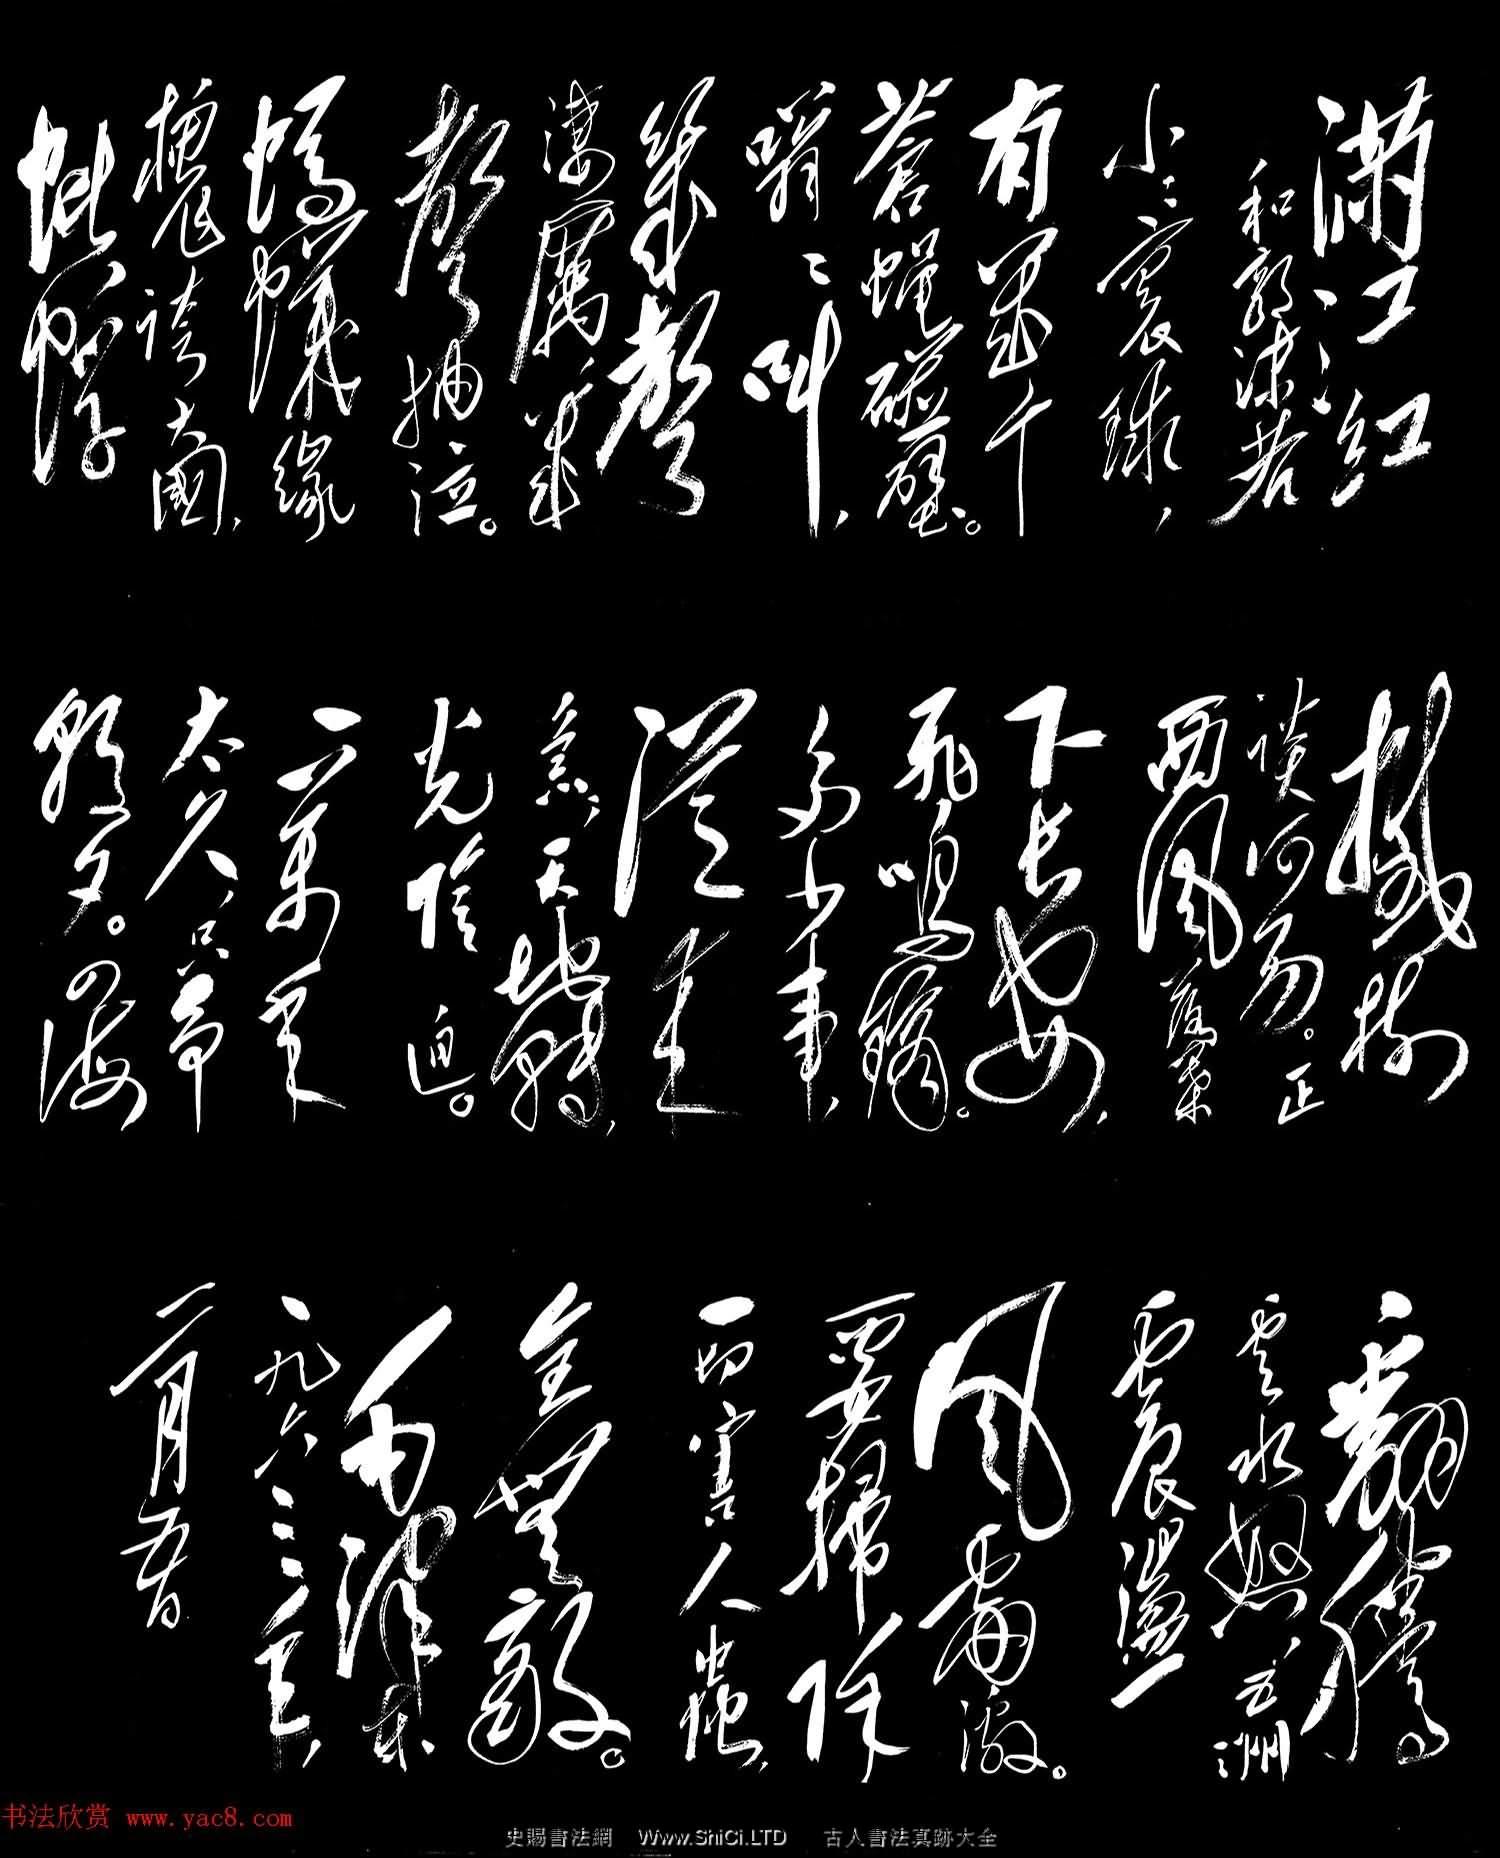 毛澤東行草書法字帖《滿江紅-和郭沫若》(共12張圖片)